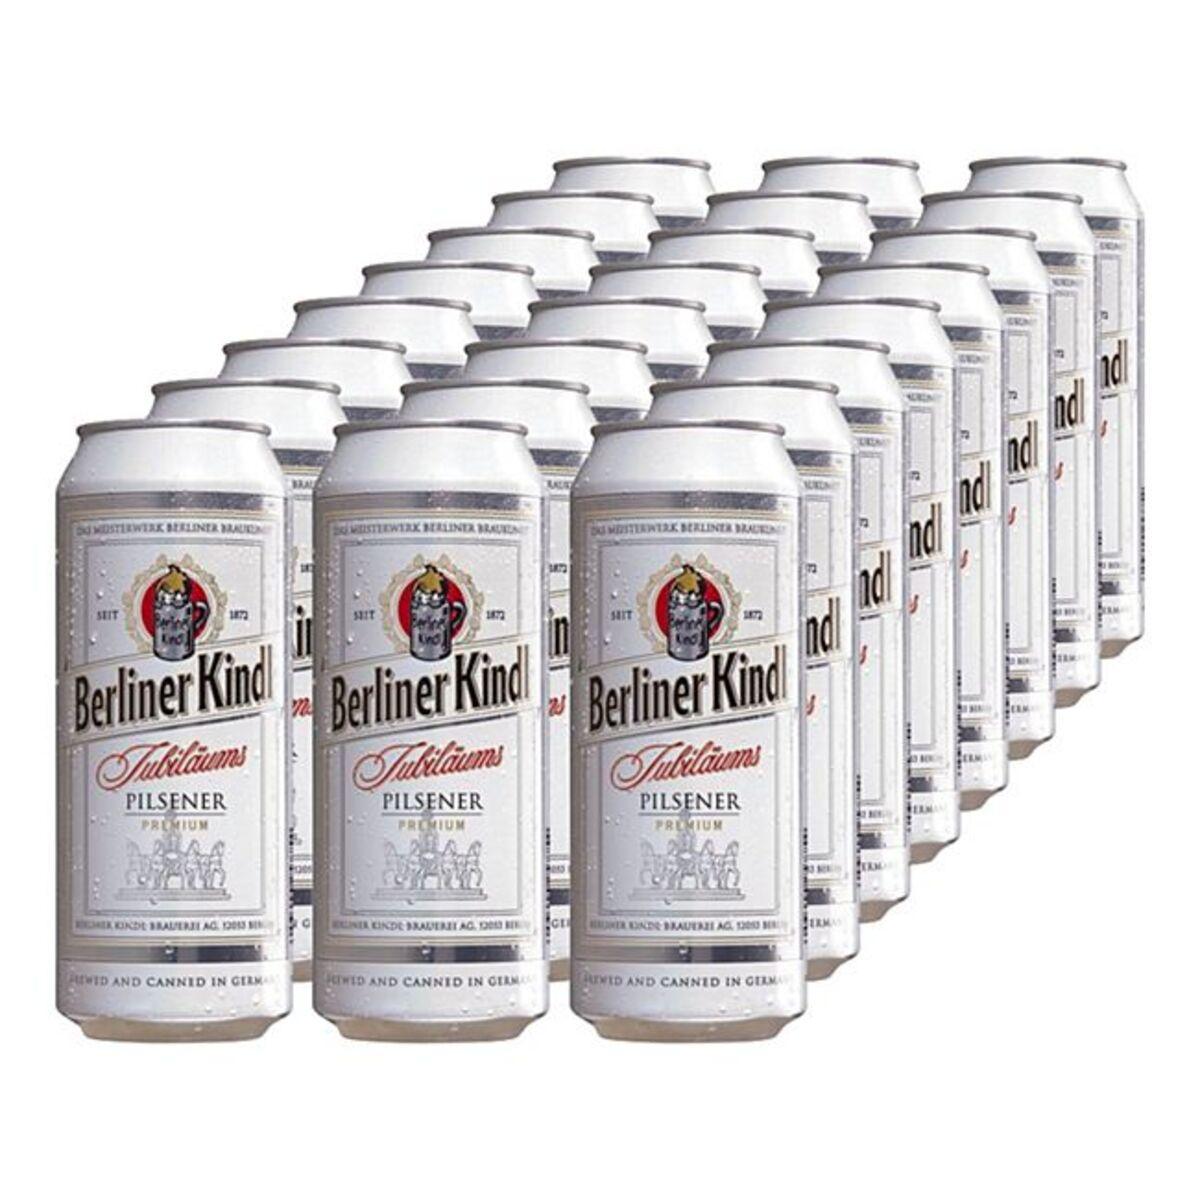 Bild 1 von Berliner Kindl Jubiläums Pilsener 5,1 % vol 0,5 Liter Dose, 24er Pack